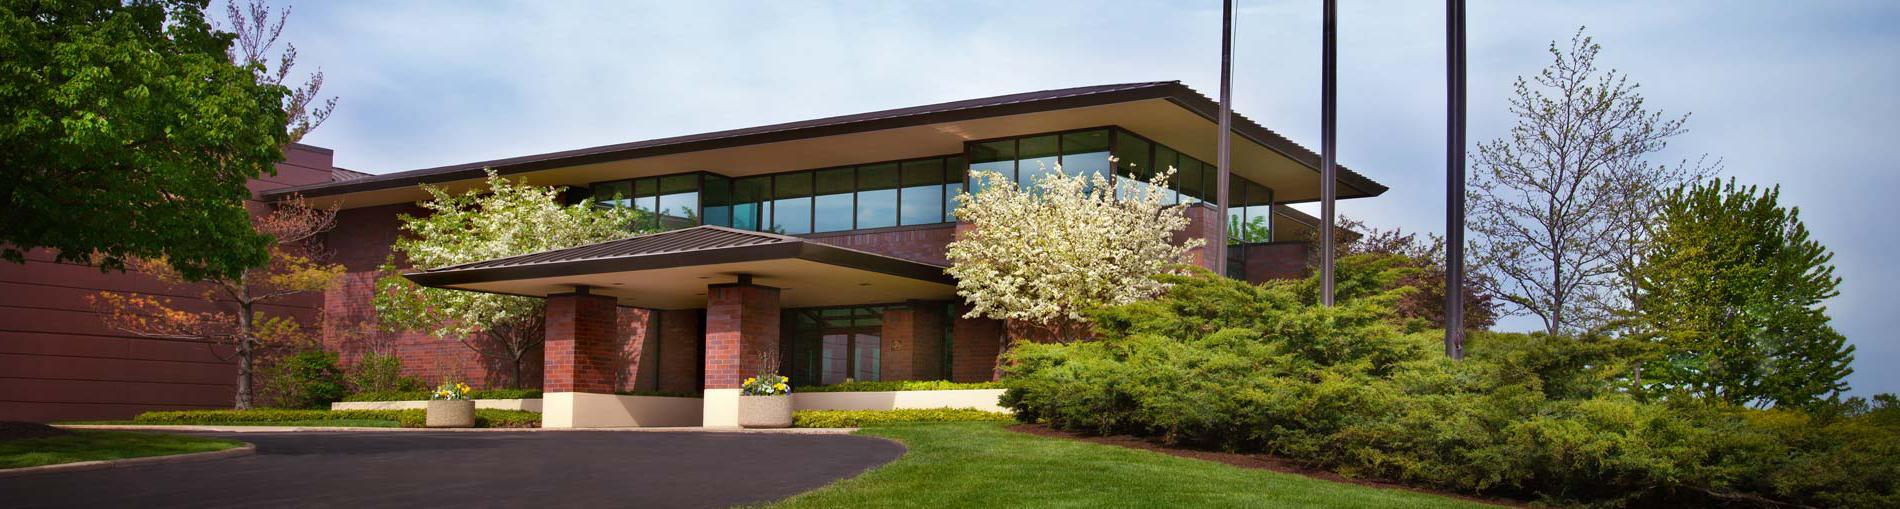 美国造纸机械公司的总部和生产基地位于美国密尔沃基, 威斯康辛州, 美国.